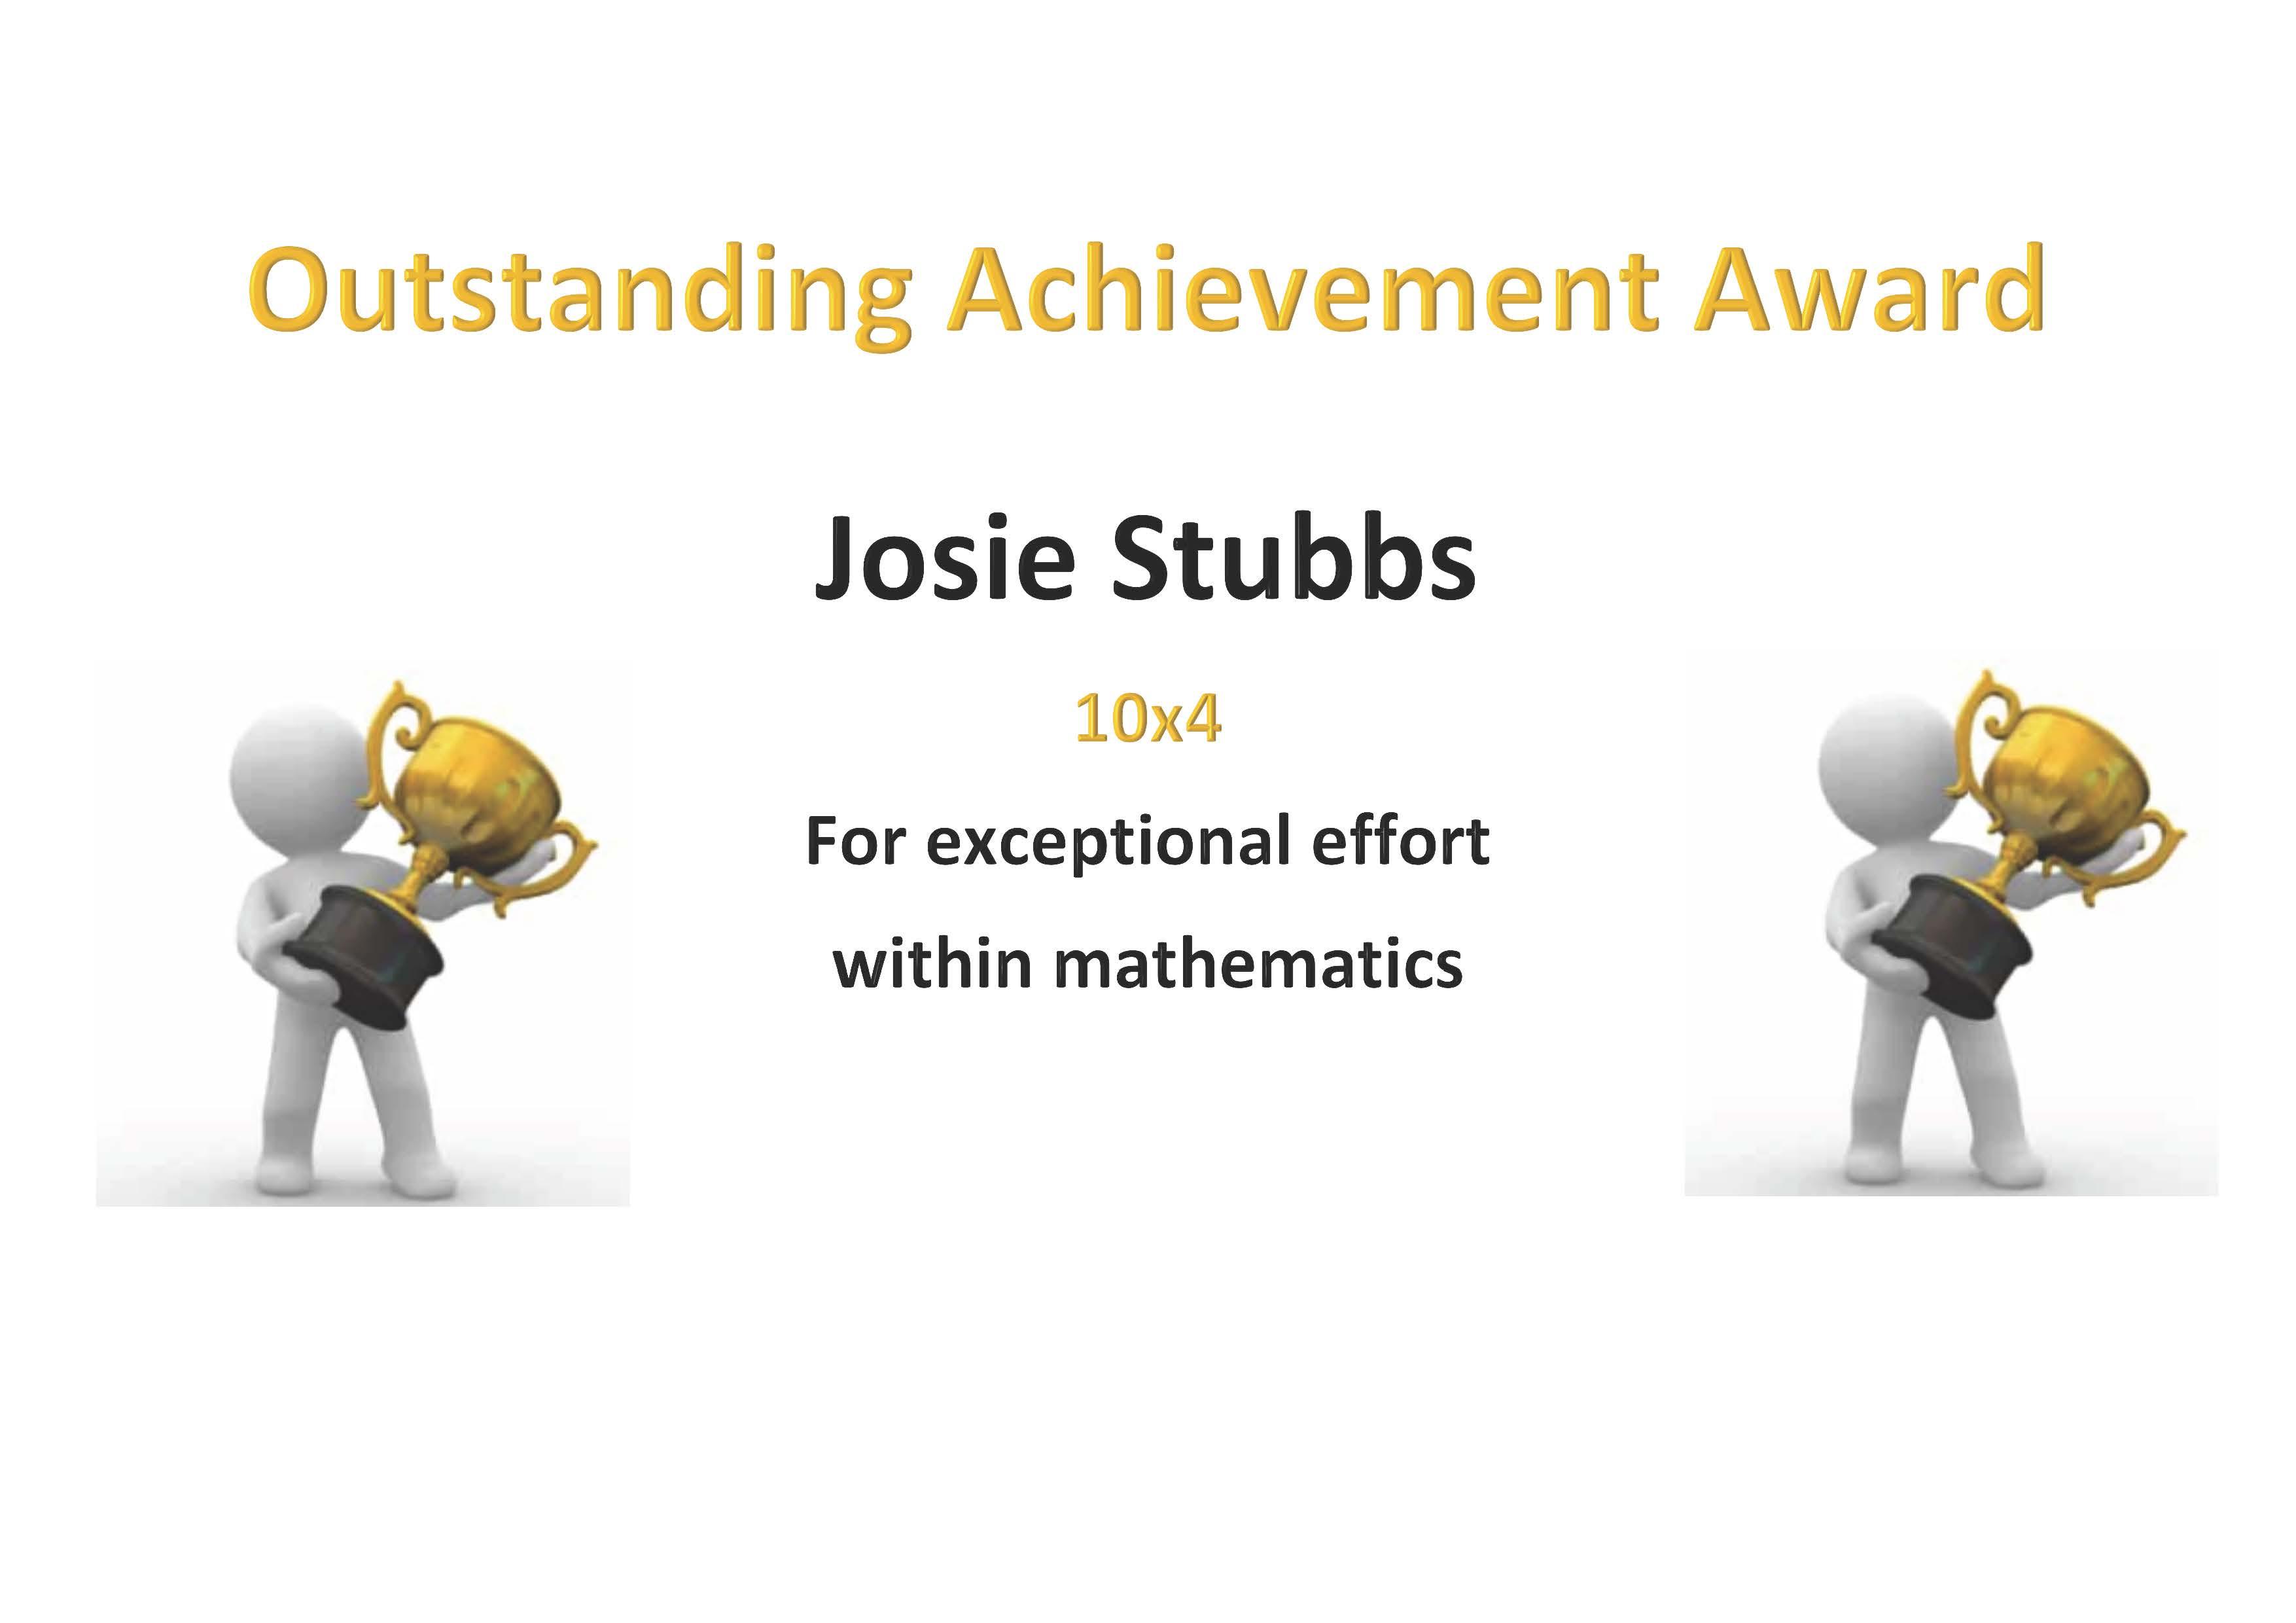 09/05/20 - Outstanding Achievement Award